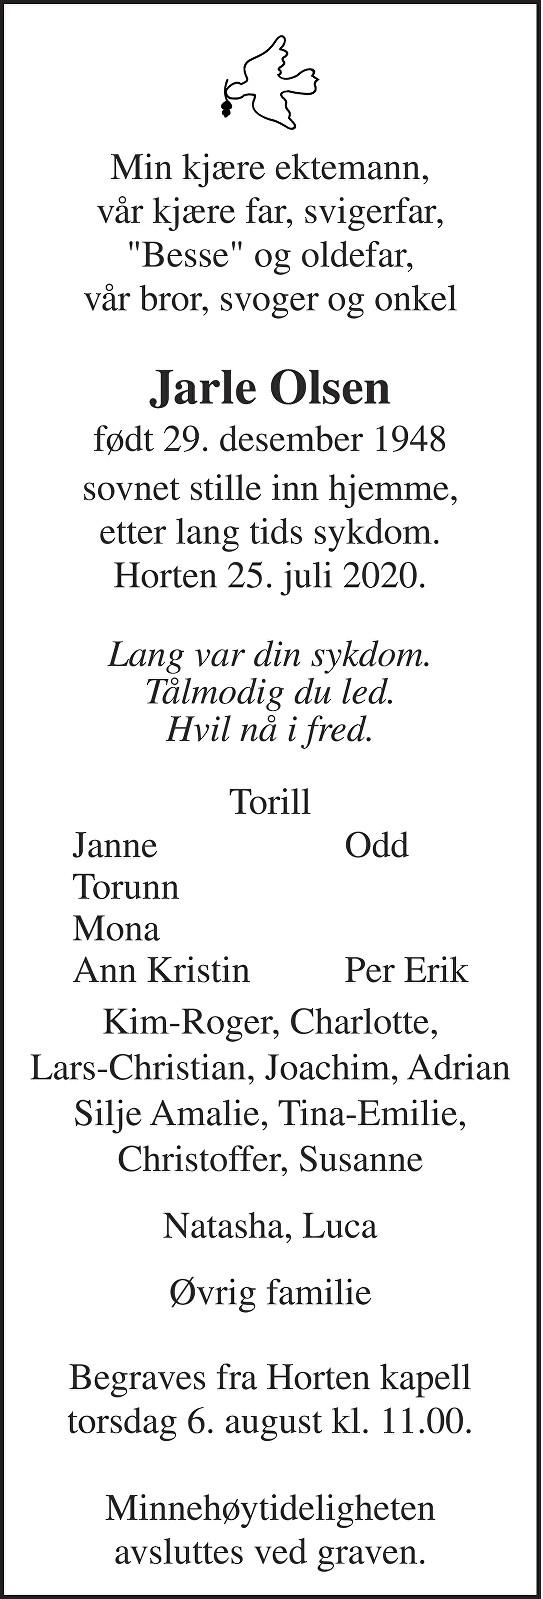 Jarle Olsen Dødsannonse